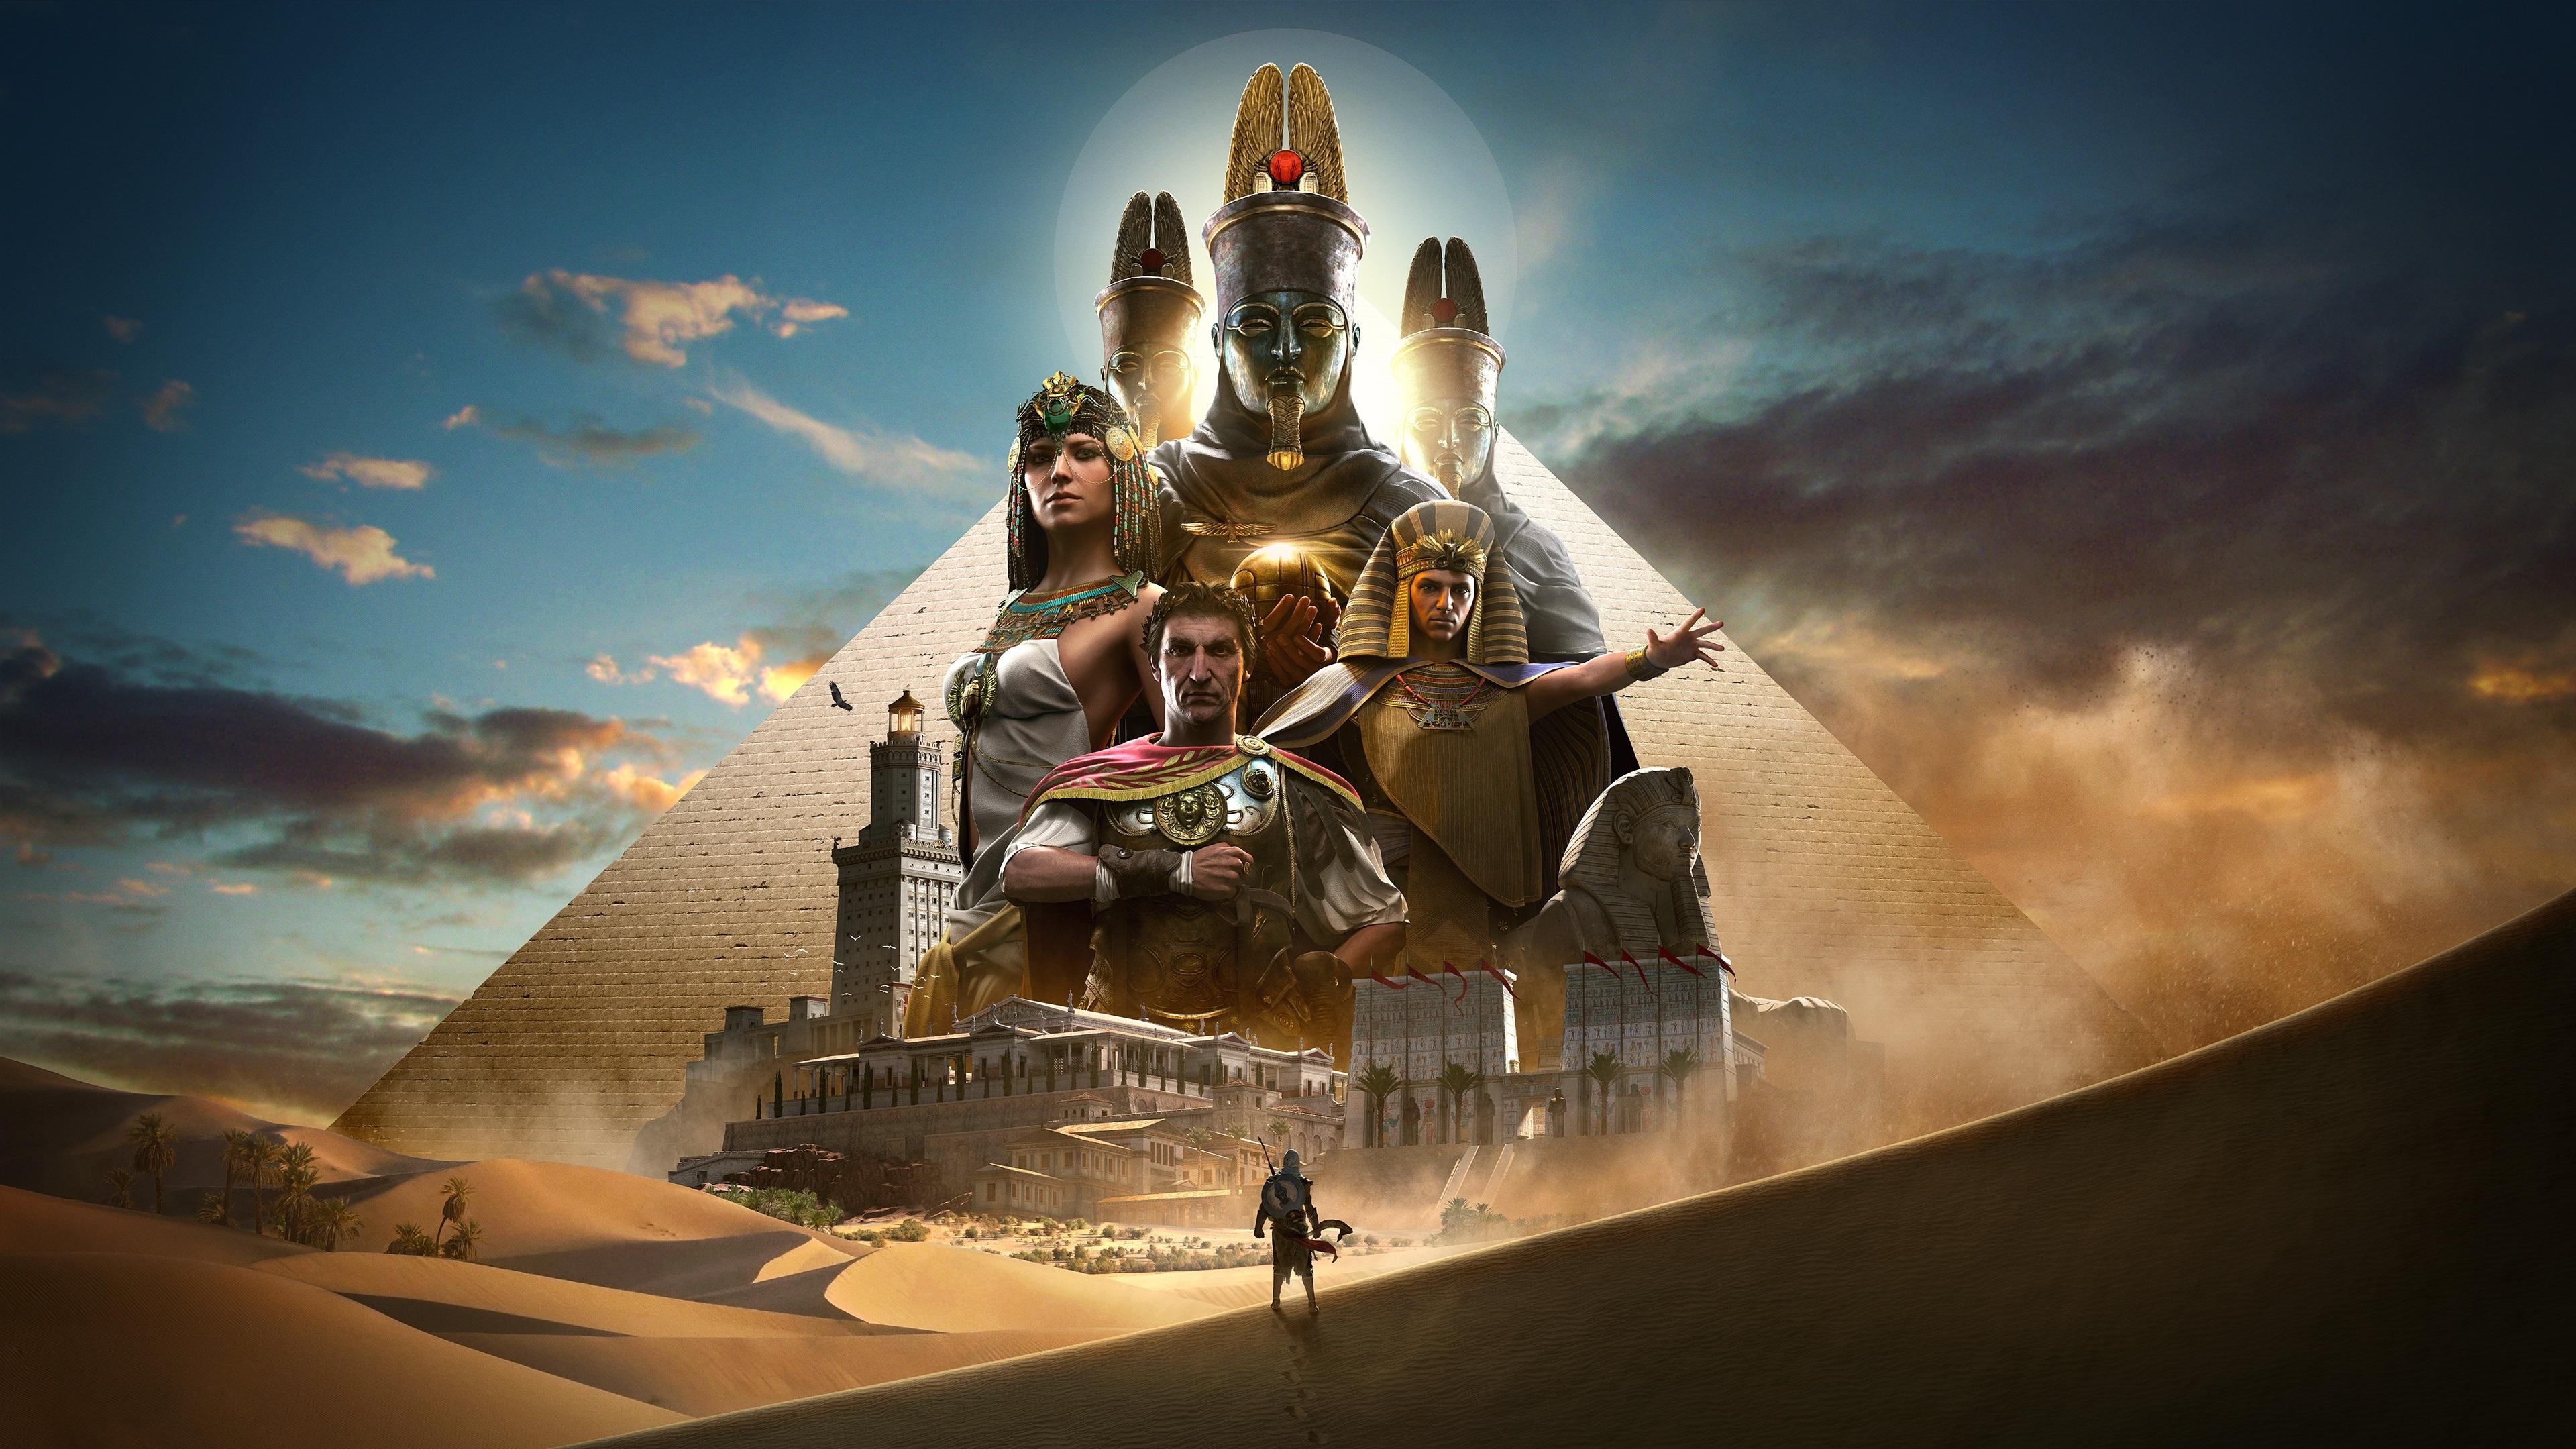 2018 Assassins Creed Origins 4k Hd Games 4k Wallpapers: Download Wallpaper 3840x2160 Assassin's Creed: Origins